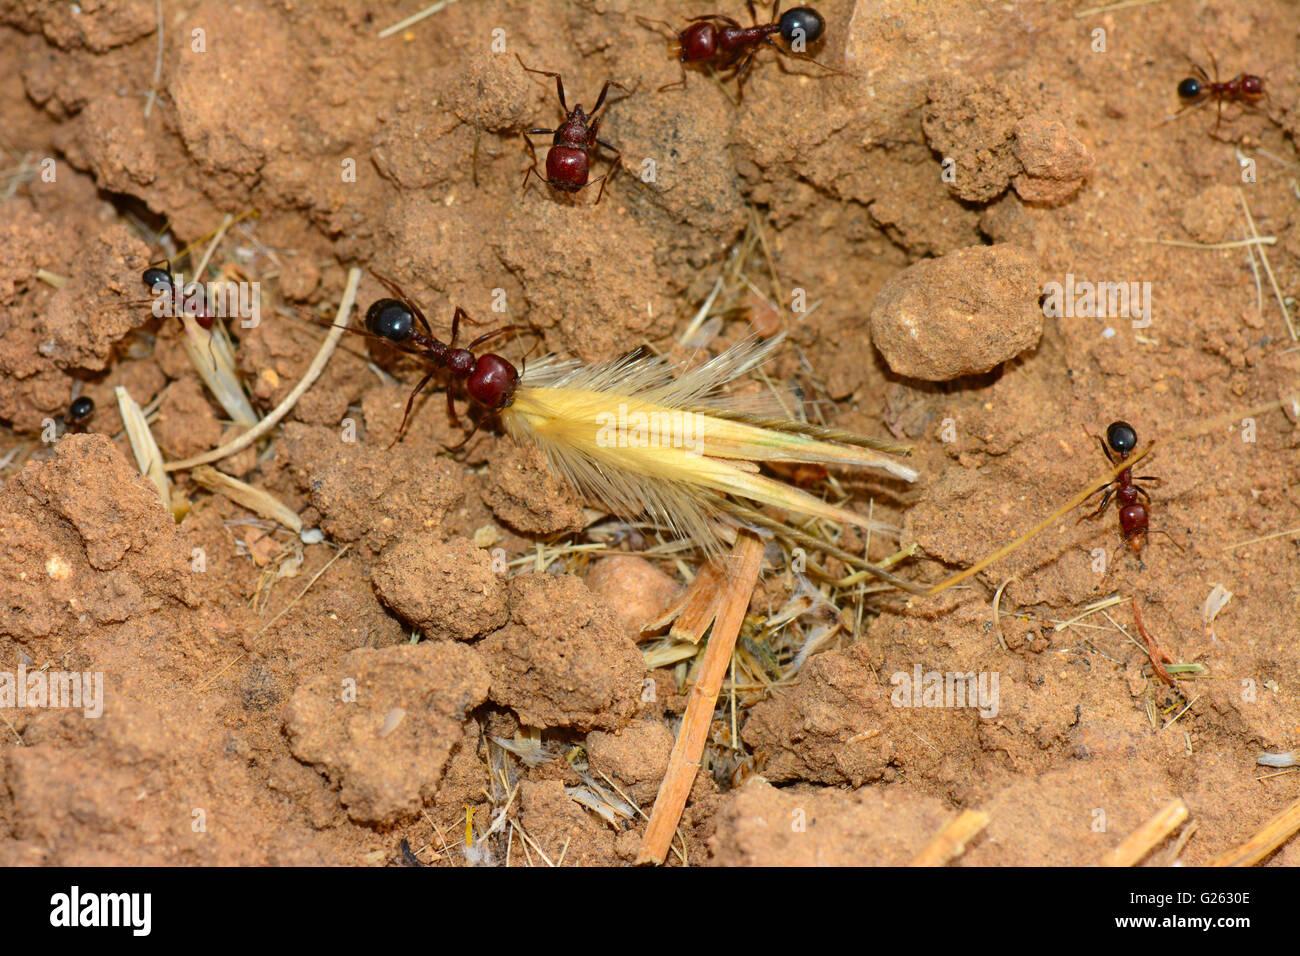 Le formiche raccogliere cibo Immagini Stock